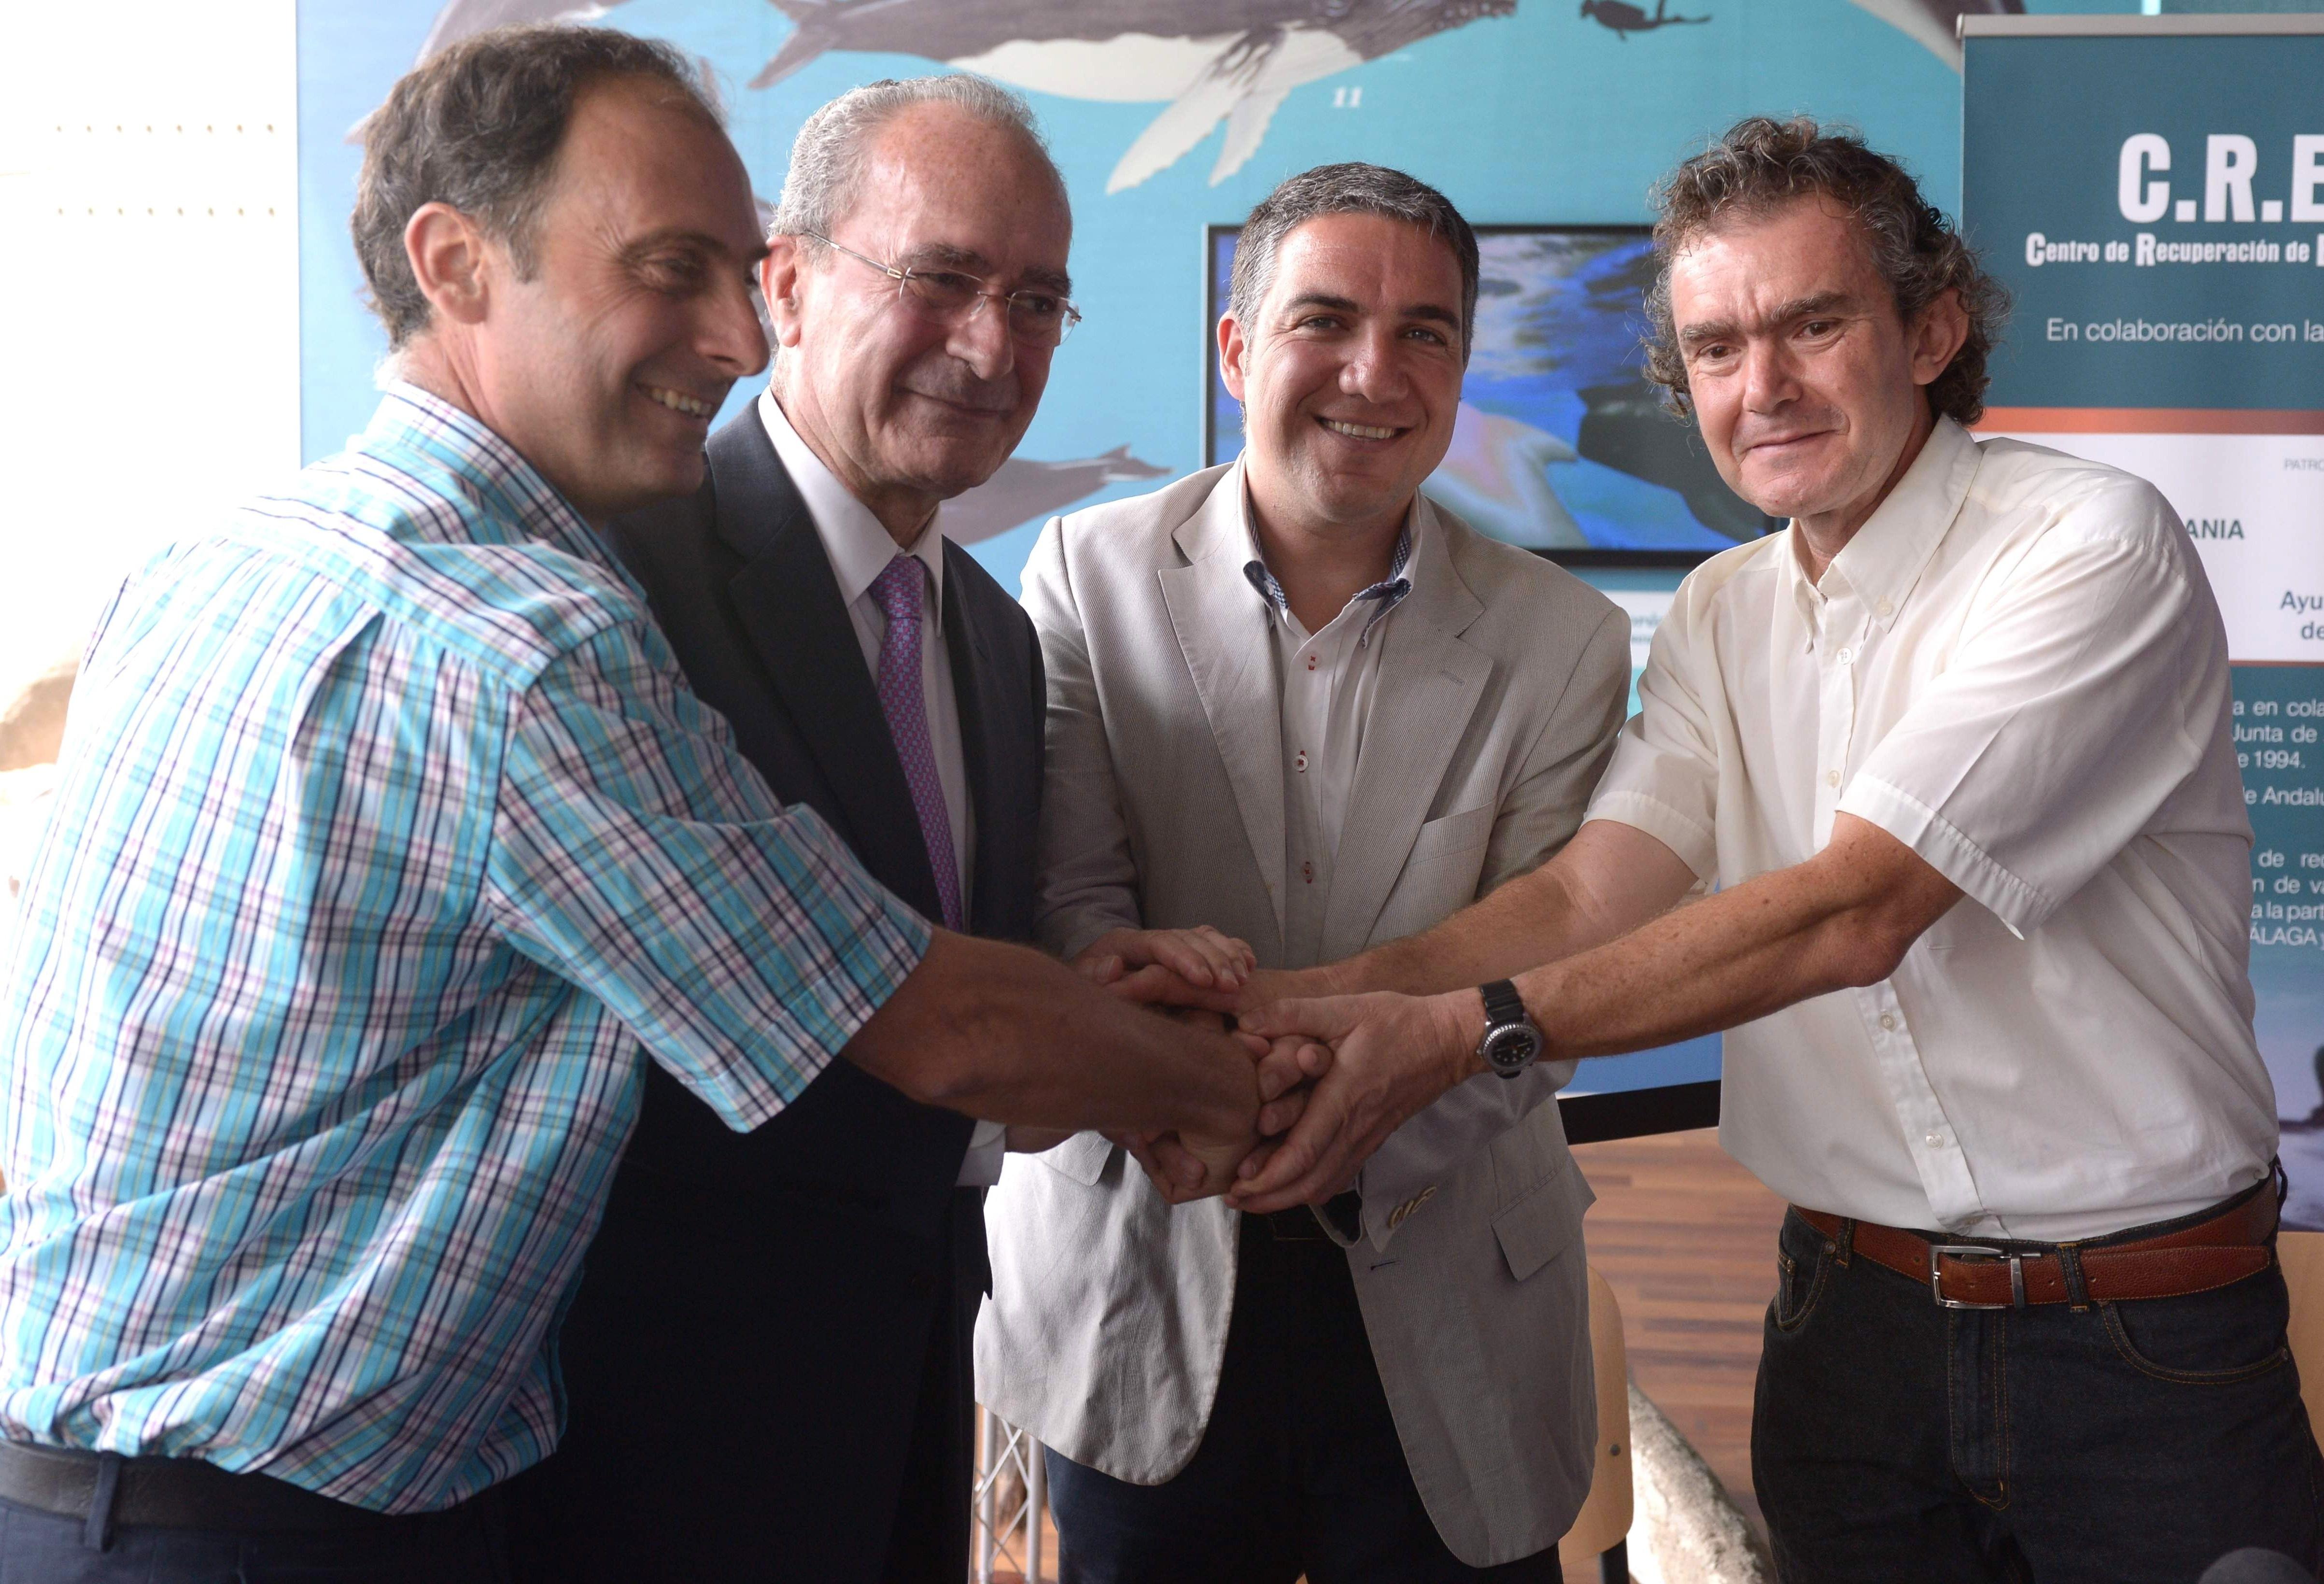 La Diputación y el Ayuntamiento de Málaga destinarán 80.000 euros para el mantenimiento del Crema